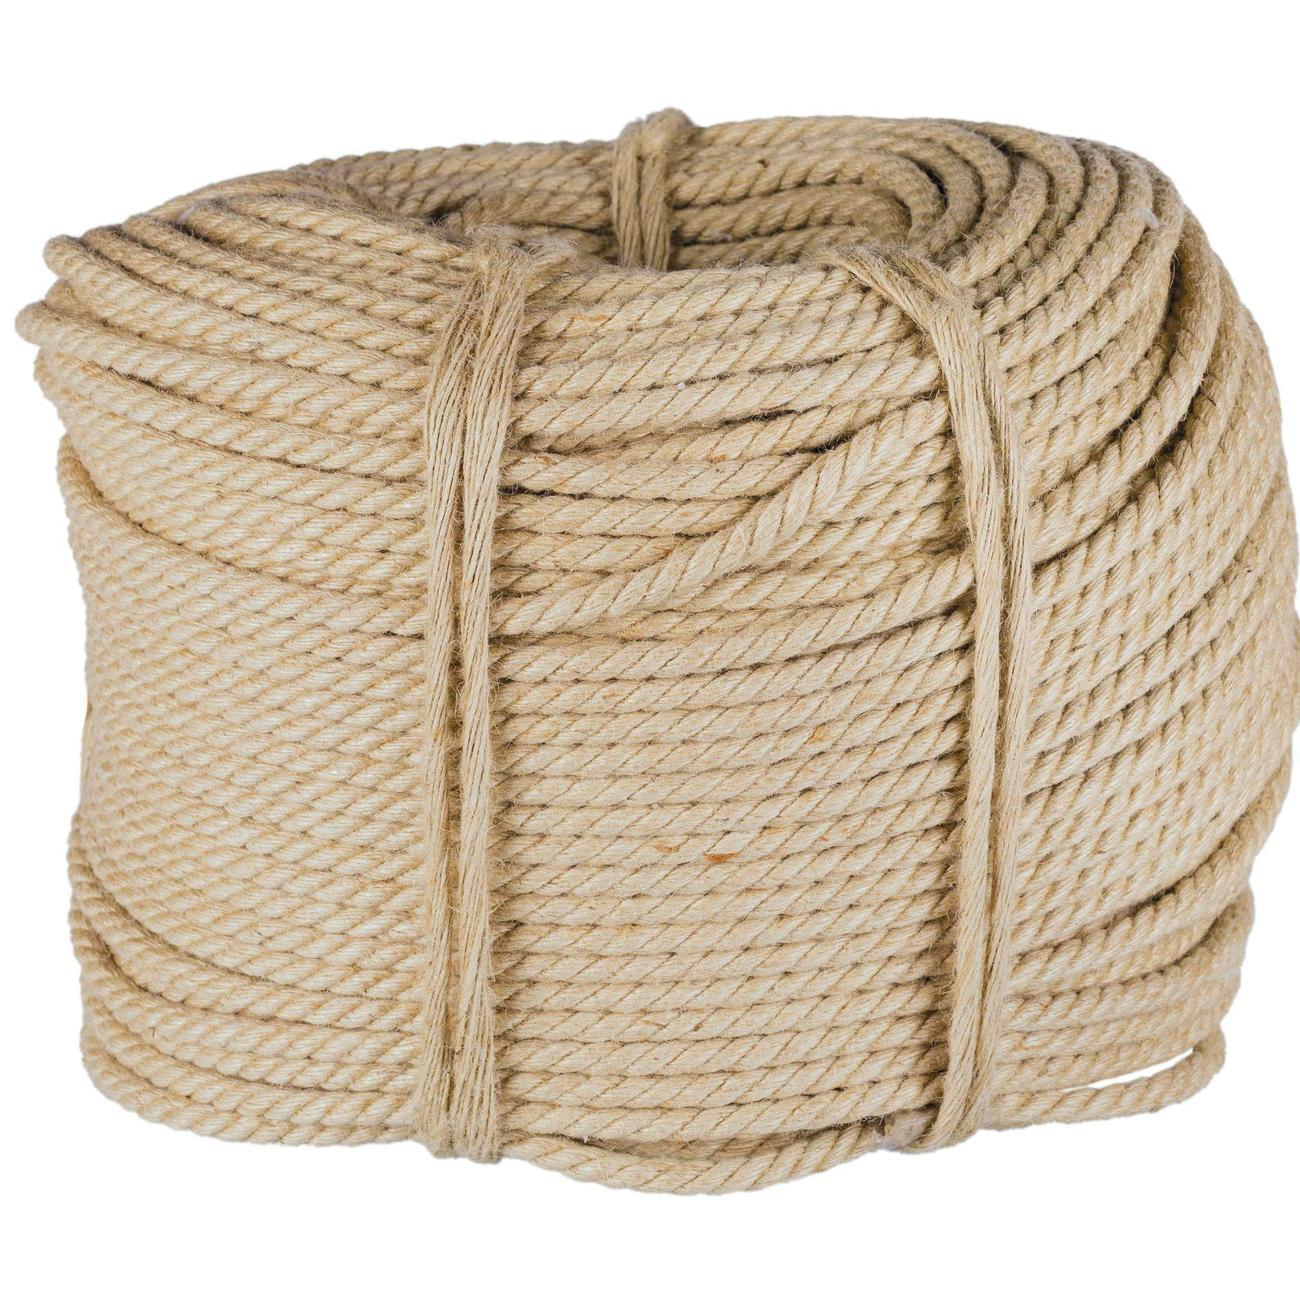 TRIXIE Seil 10 mm für Kratzbaum, Meterware Preview Image